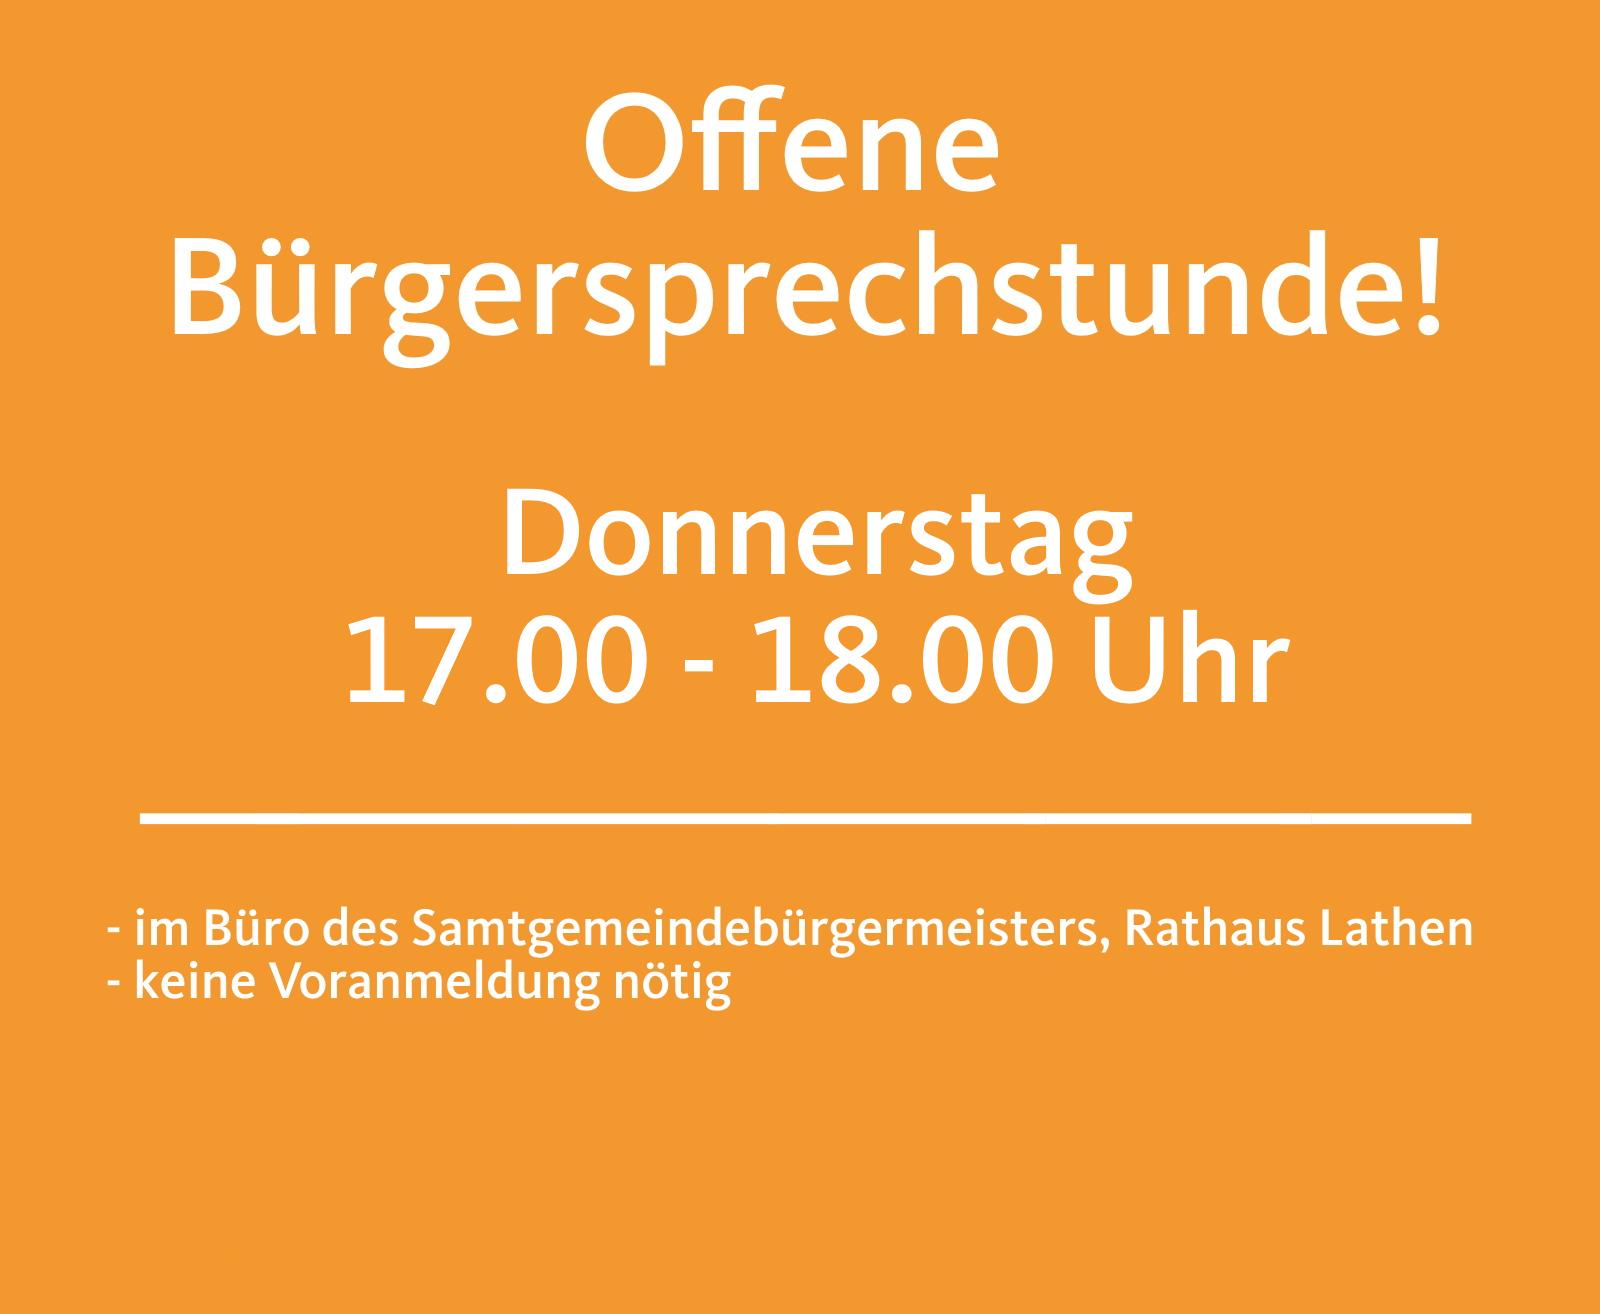 Offene Bürgersprechstunde am Donnerstag, 13.02.2020